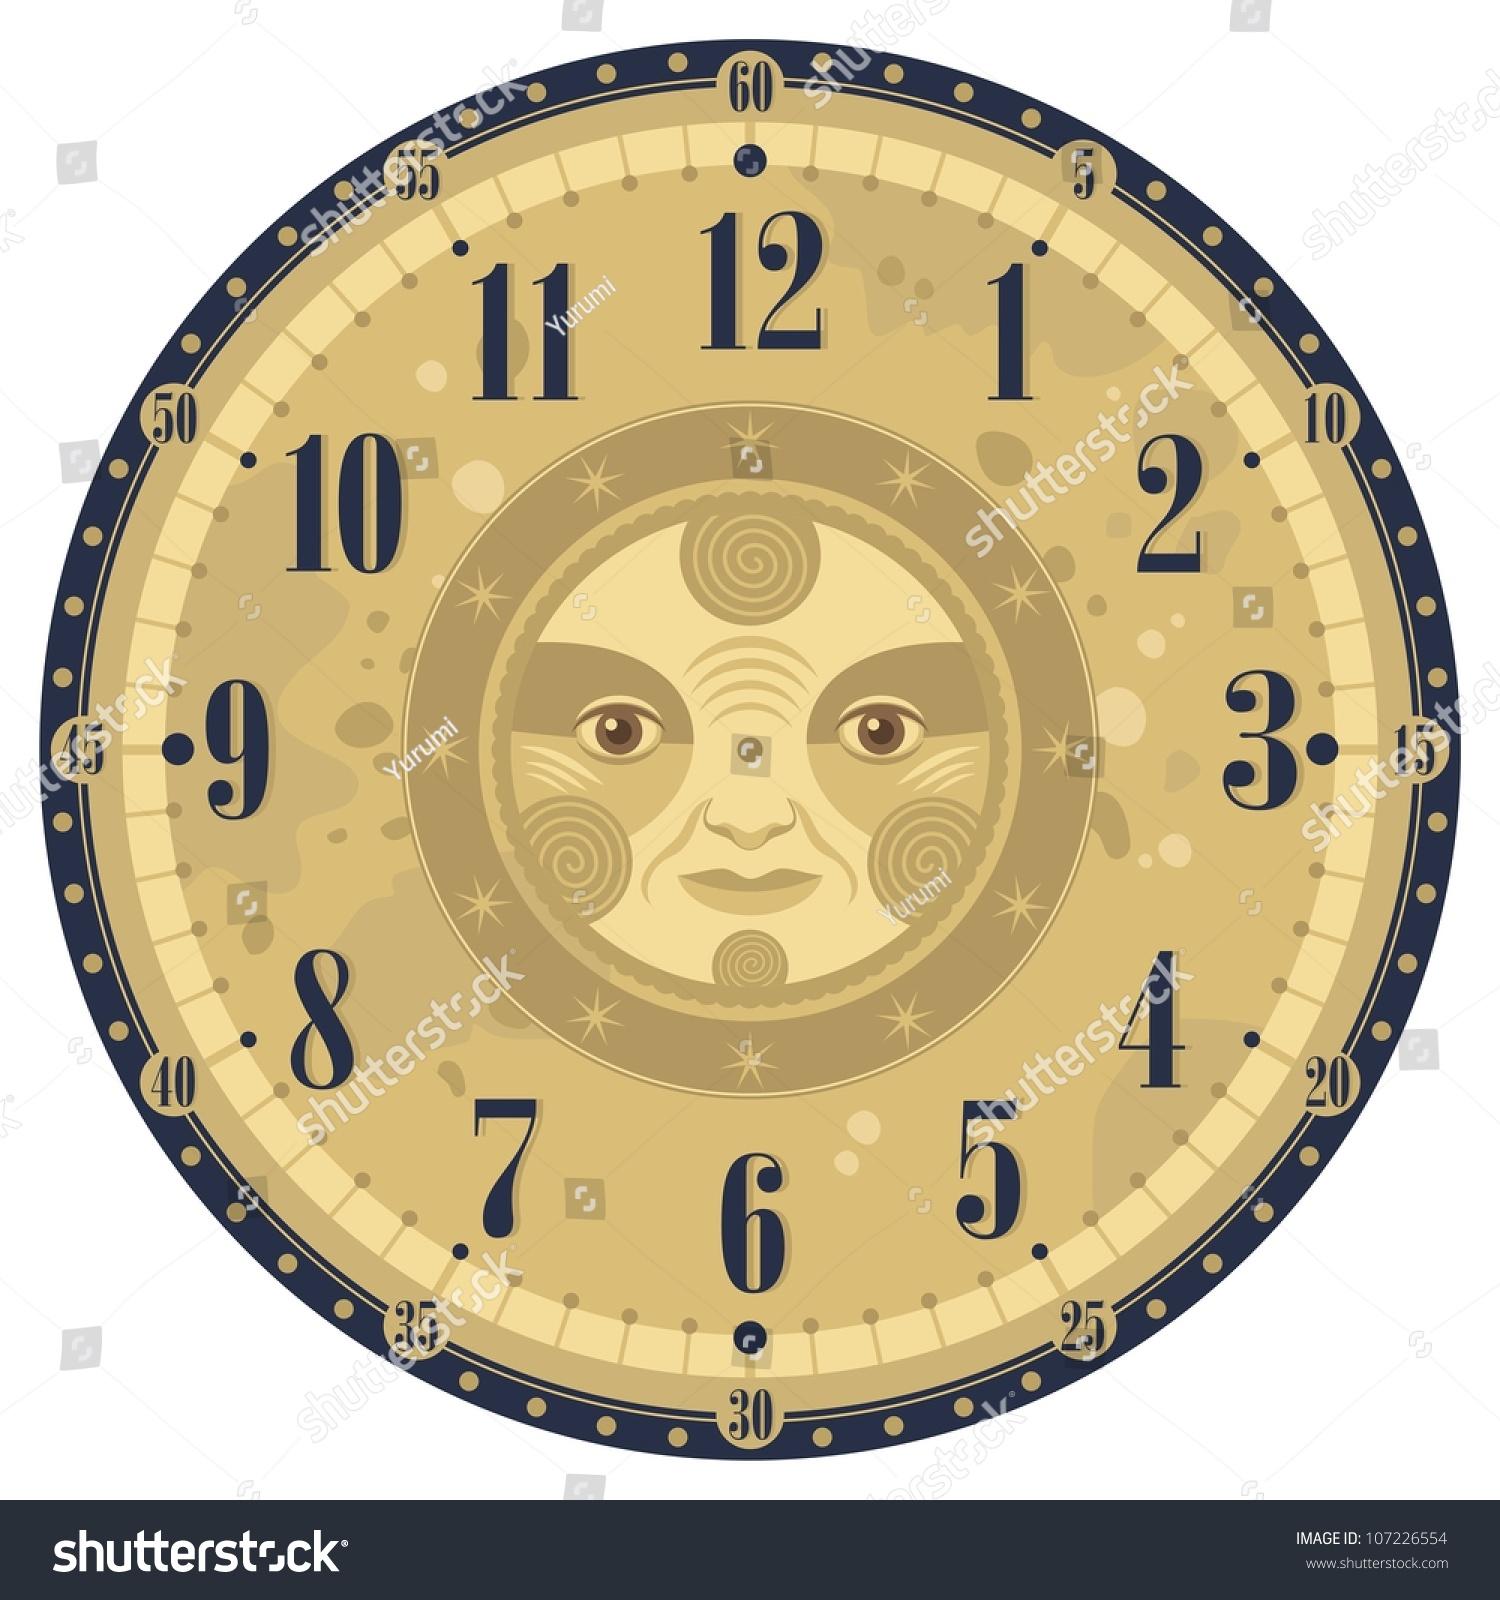 Vintage Clock Face Template Decorative Sun Illustration – Clock Face Template